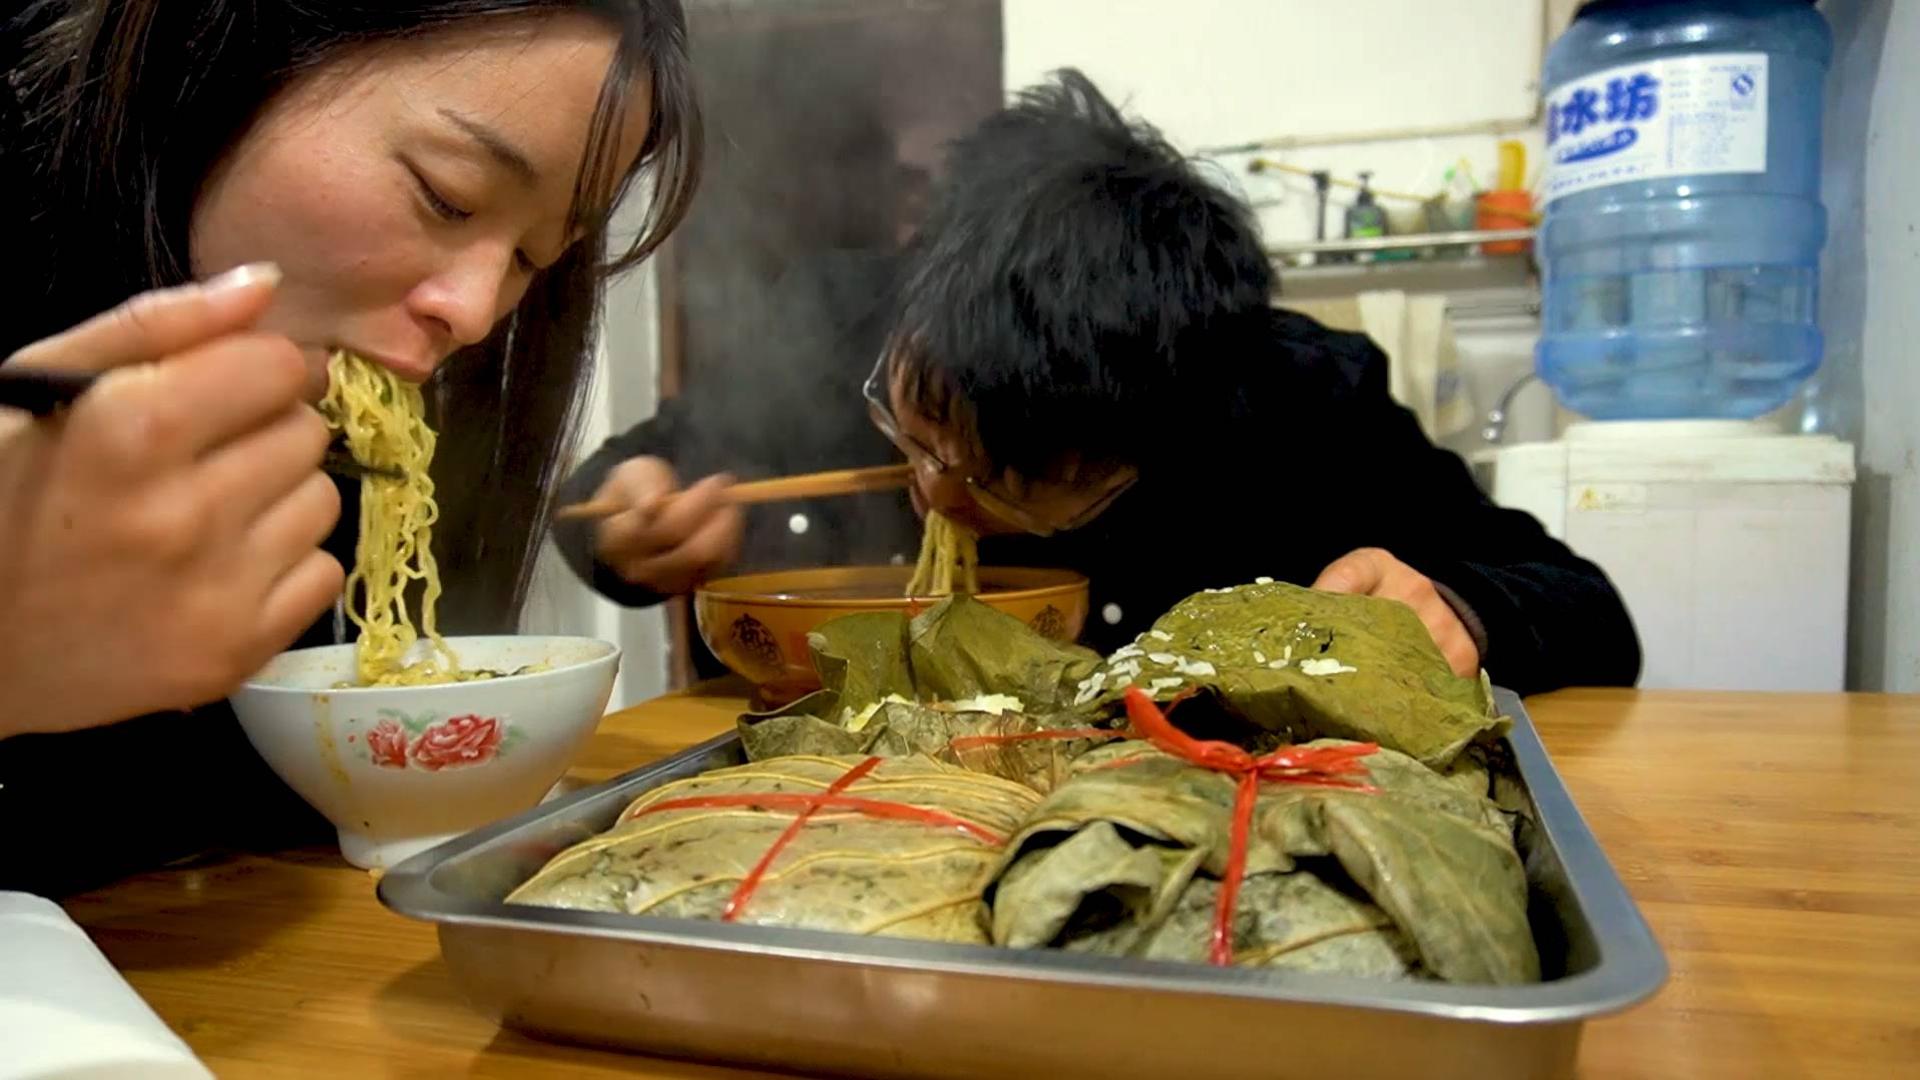 三斤糯米做荷叶鸡,媳妇一个就吃撑,一大盘配着泡面吃,好过瘾